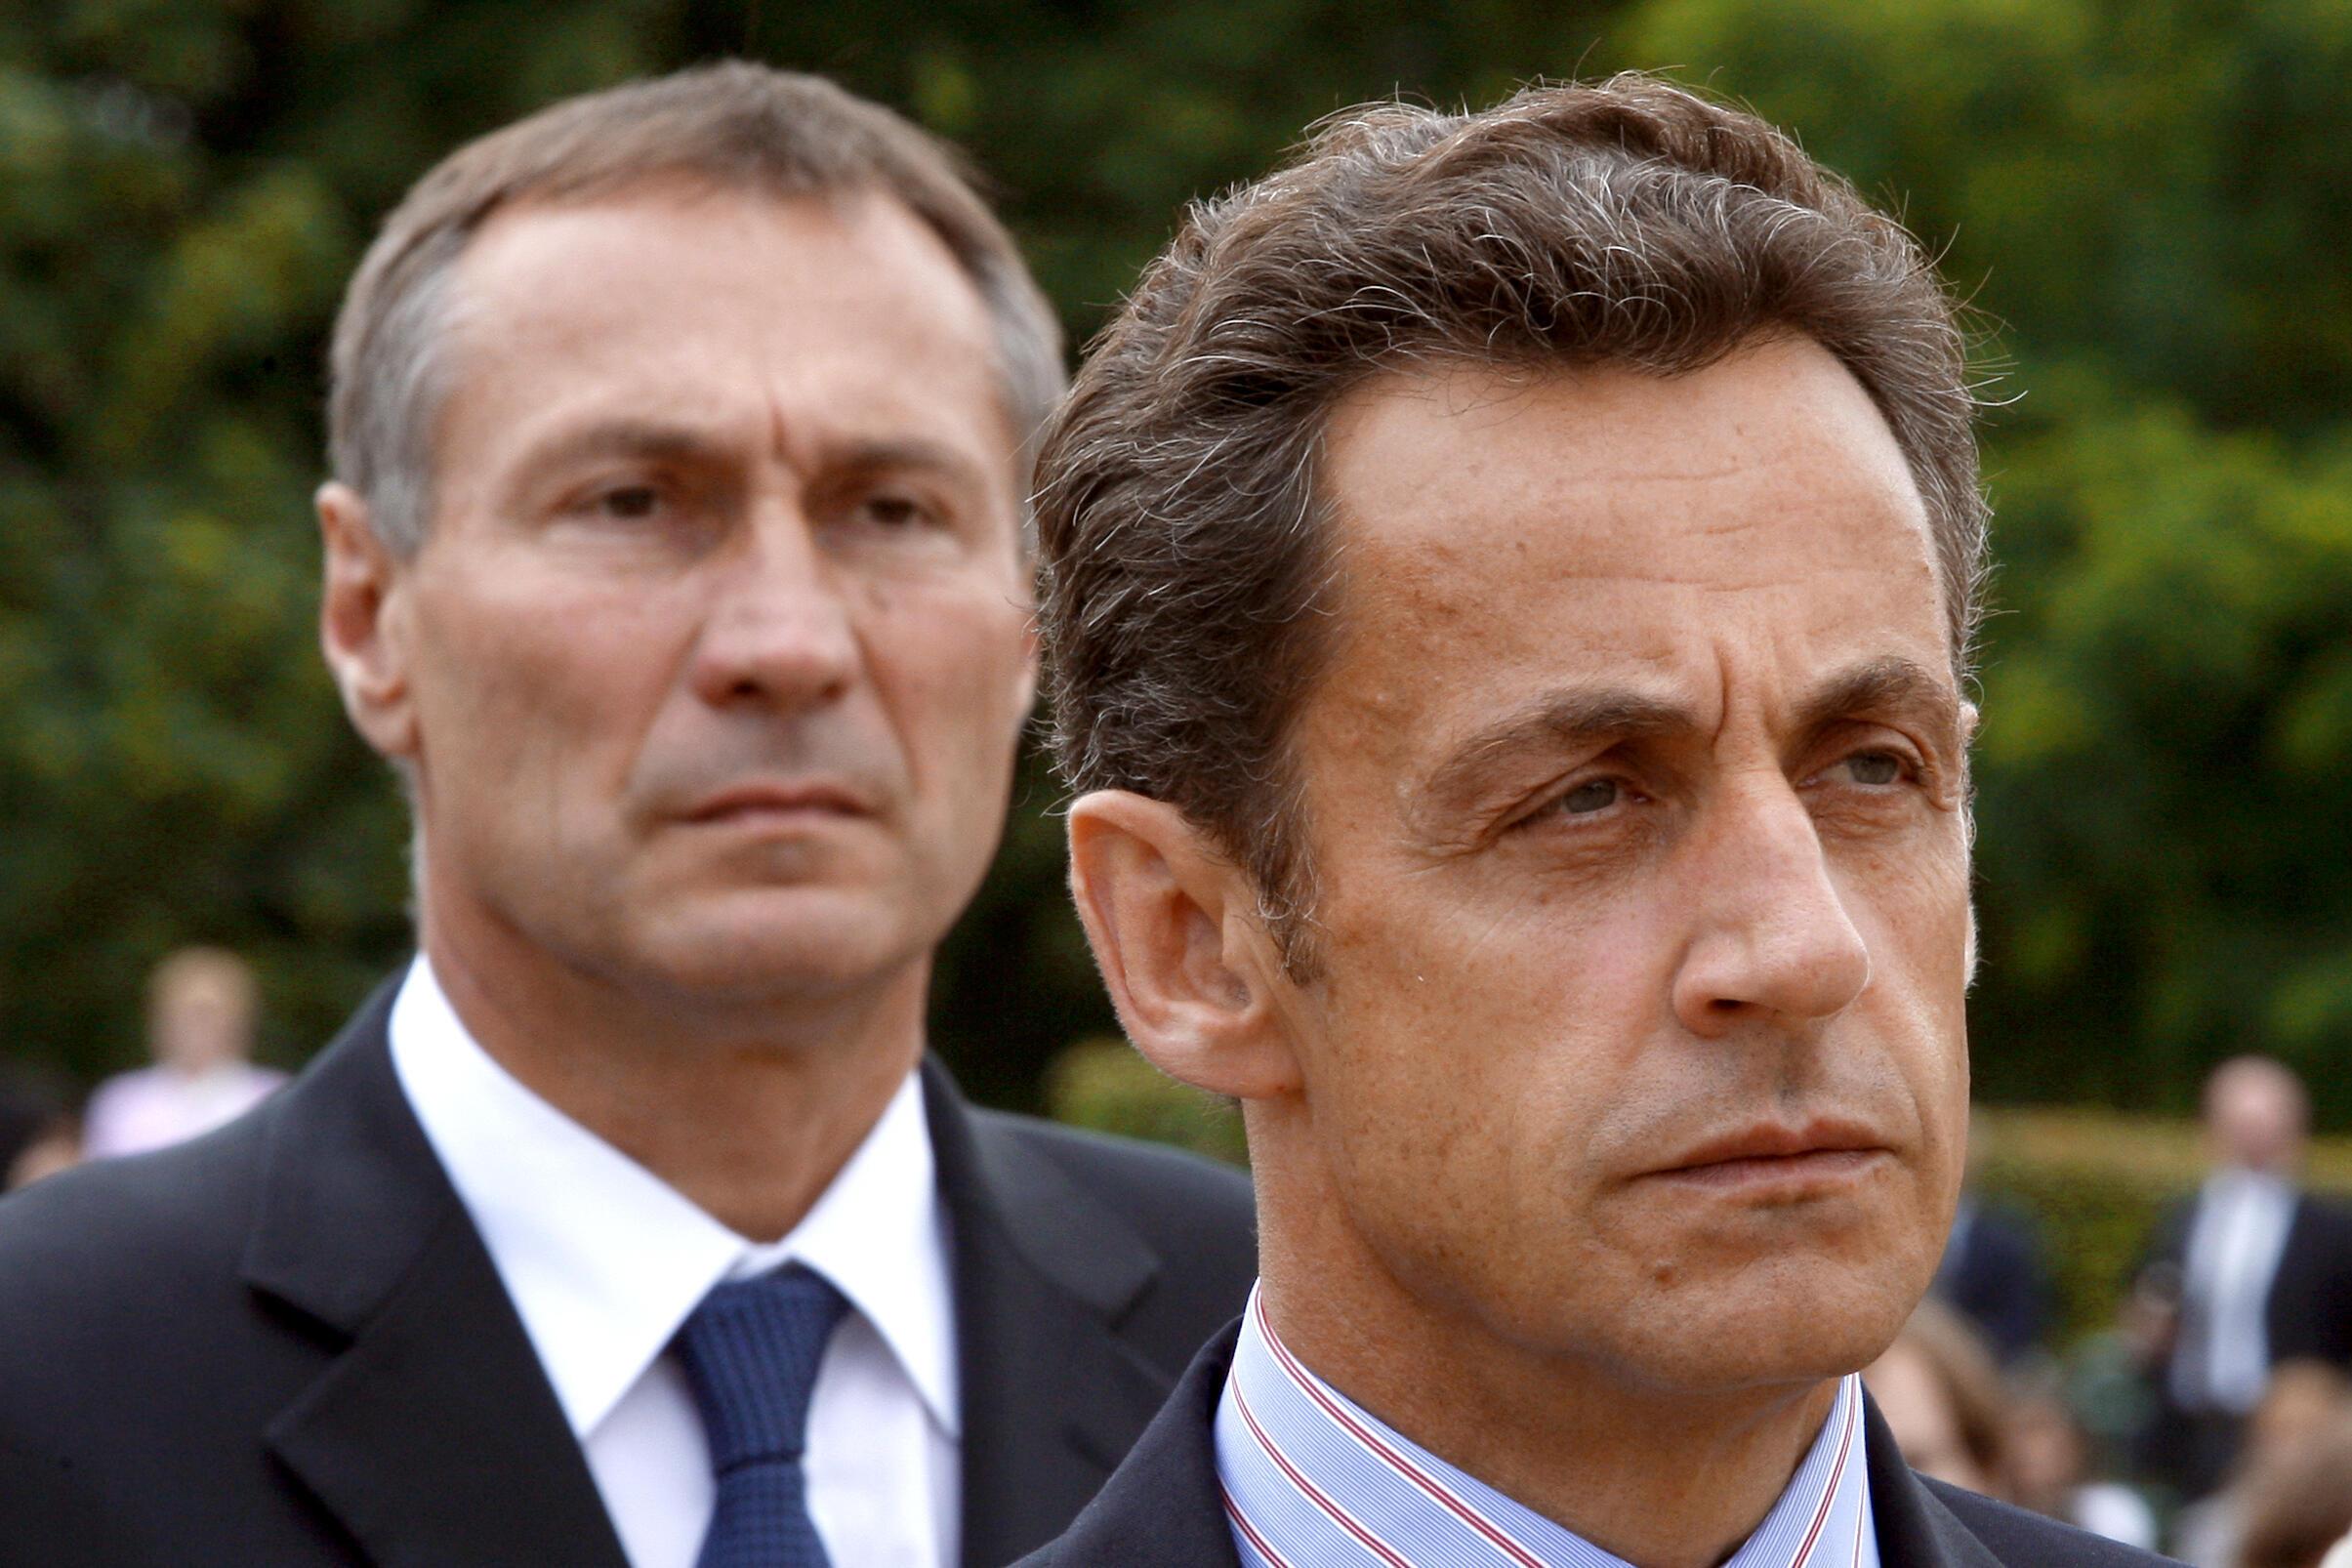 Jean-Marie Bockel et Nicolas Sarkozy en 2009. L'année précédente, le premier avait dû quitter son poste de ministre de la Coopération, à la demande du second.